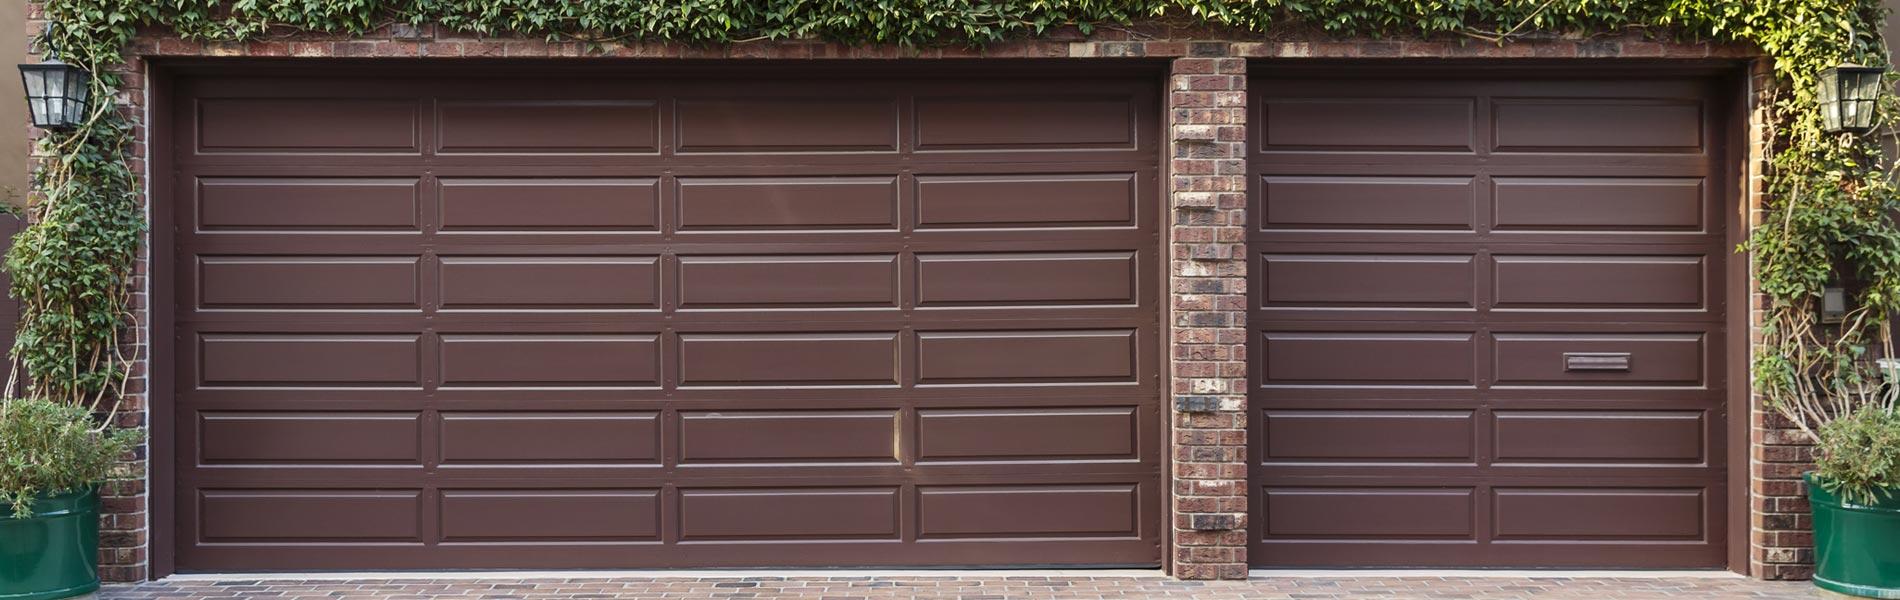 Quality Garage Door  Automatic Garage Door Repair  San